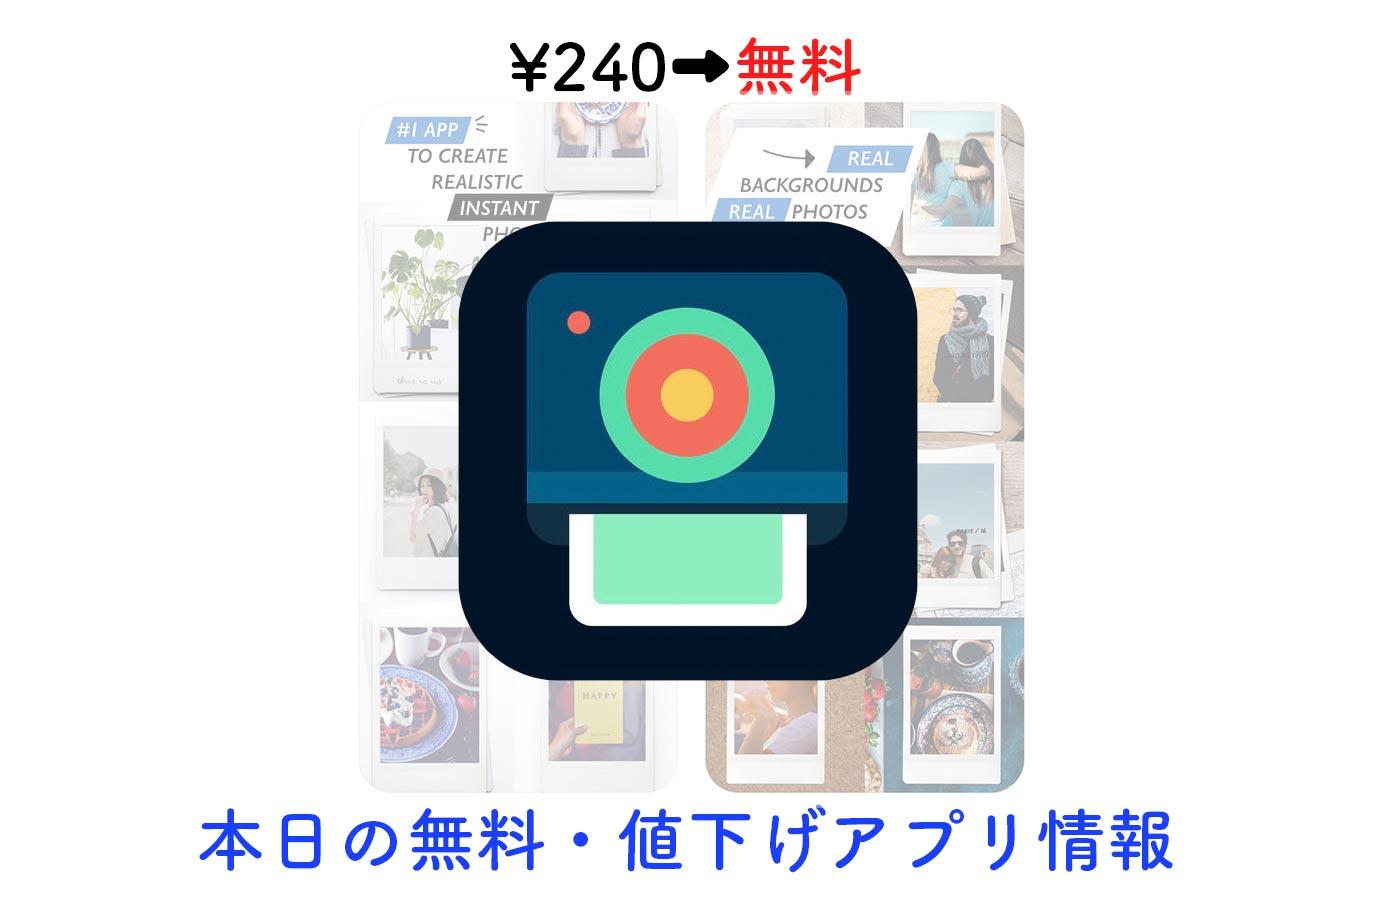 ¥240→無料、ポラロイド写真風の画像にできる「Instants」など【2/6】本日の無料・値下げアプリ情報